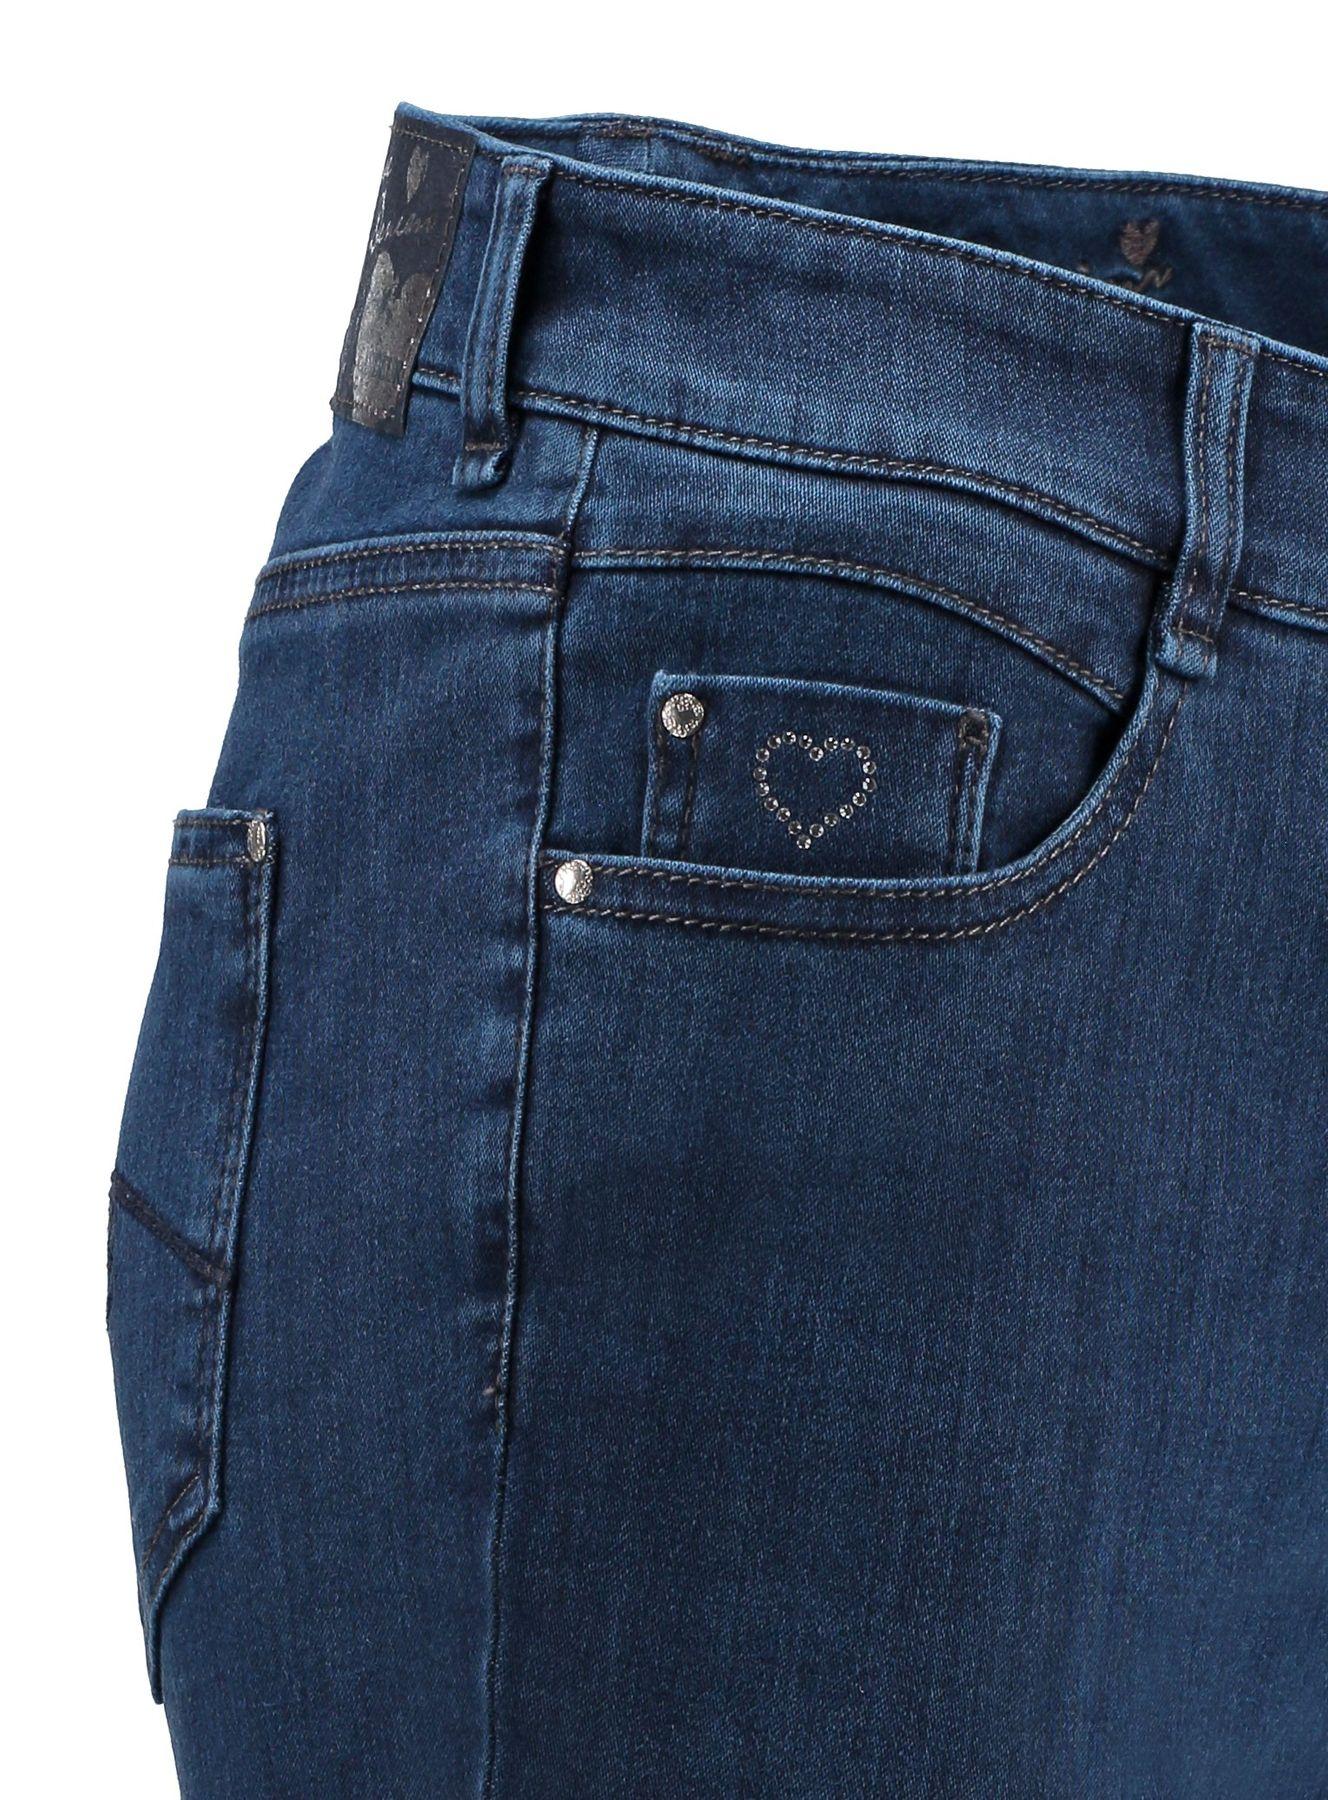 Atelier Gardeur - Slim Fit - Damen 5-Pocket Röhrenhose aus Satindenim in verschiedenen Farben, FS 17, Zuri (61854) – Bild 7